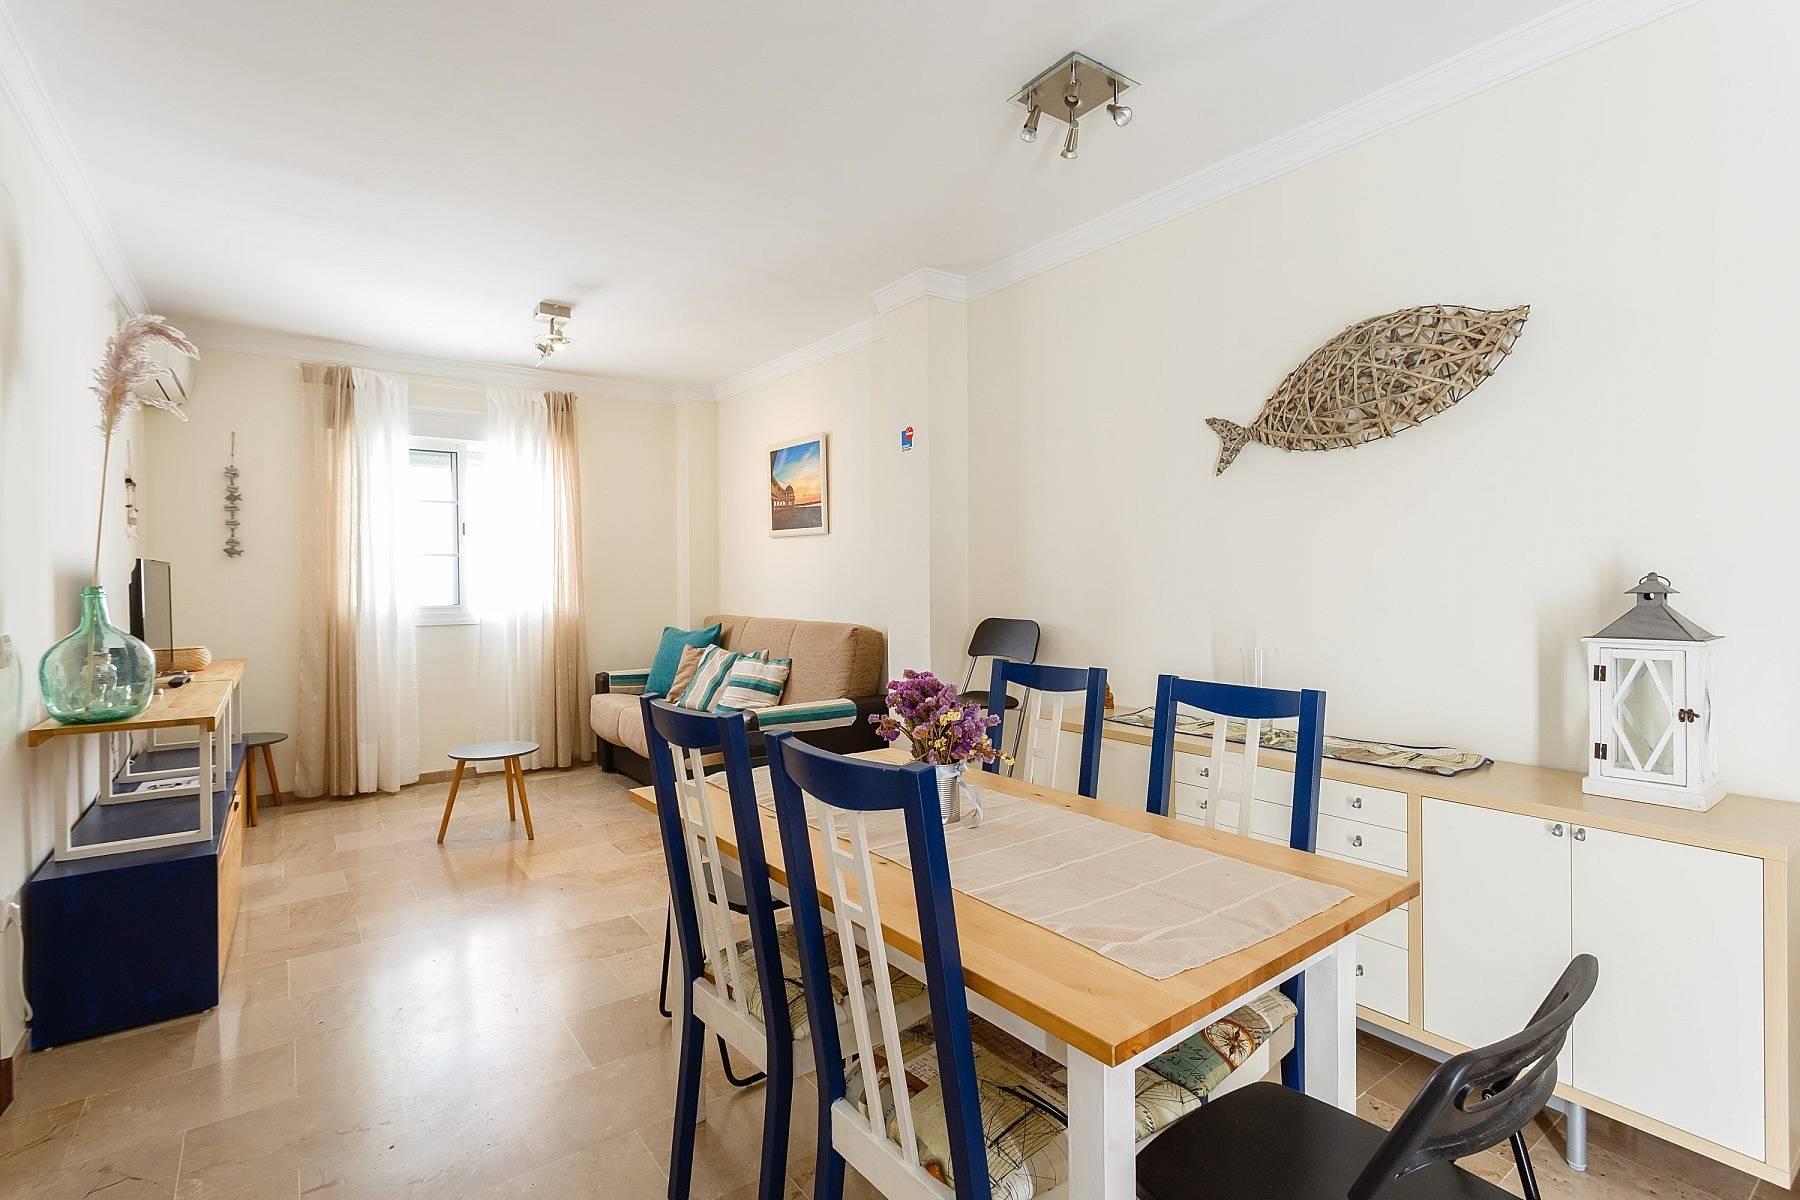 Apartamento en alquiler en c diz centro puerto sherry el puerto de santa mar a c diz costa - Apartamento en el puerto de santa maria ...